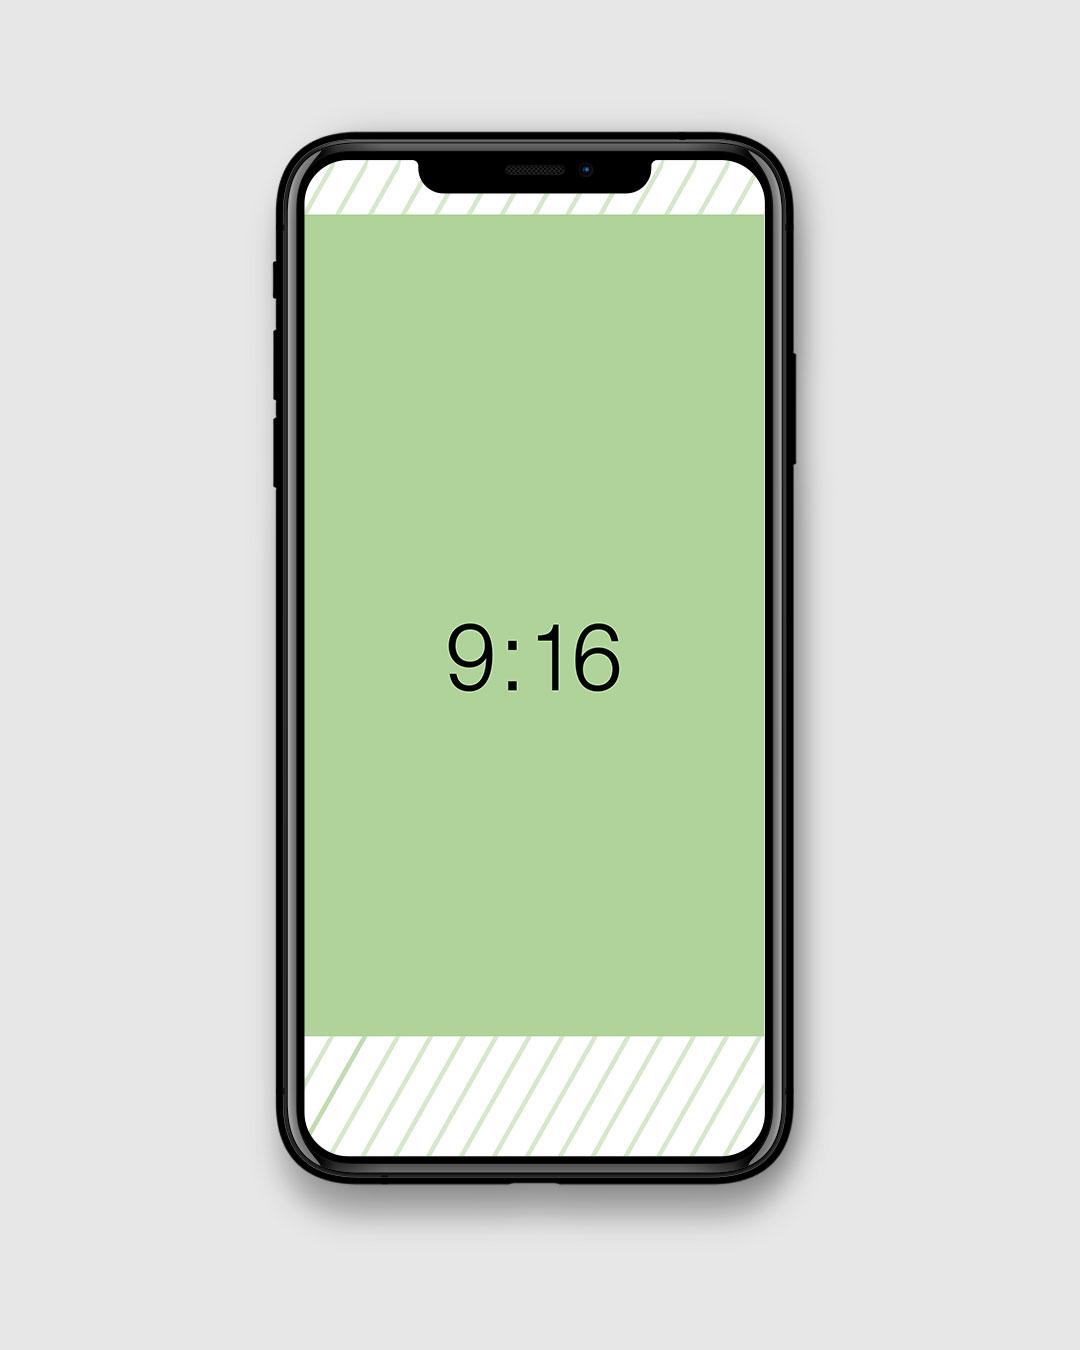 ohHello Design | Ressurser | Bildestørrelse 9:16 iPhoneX